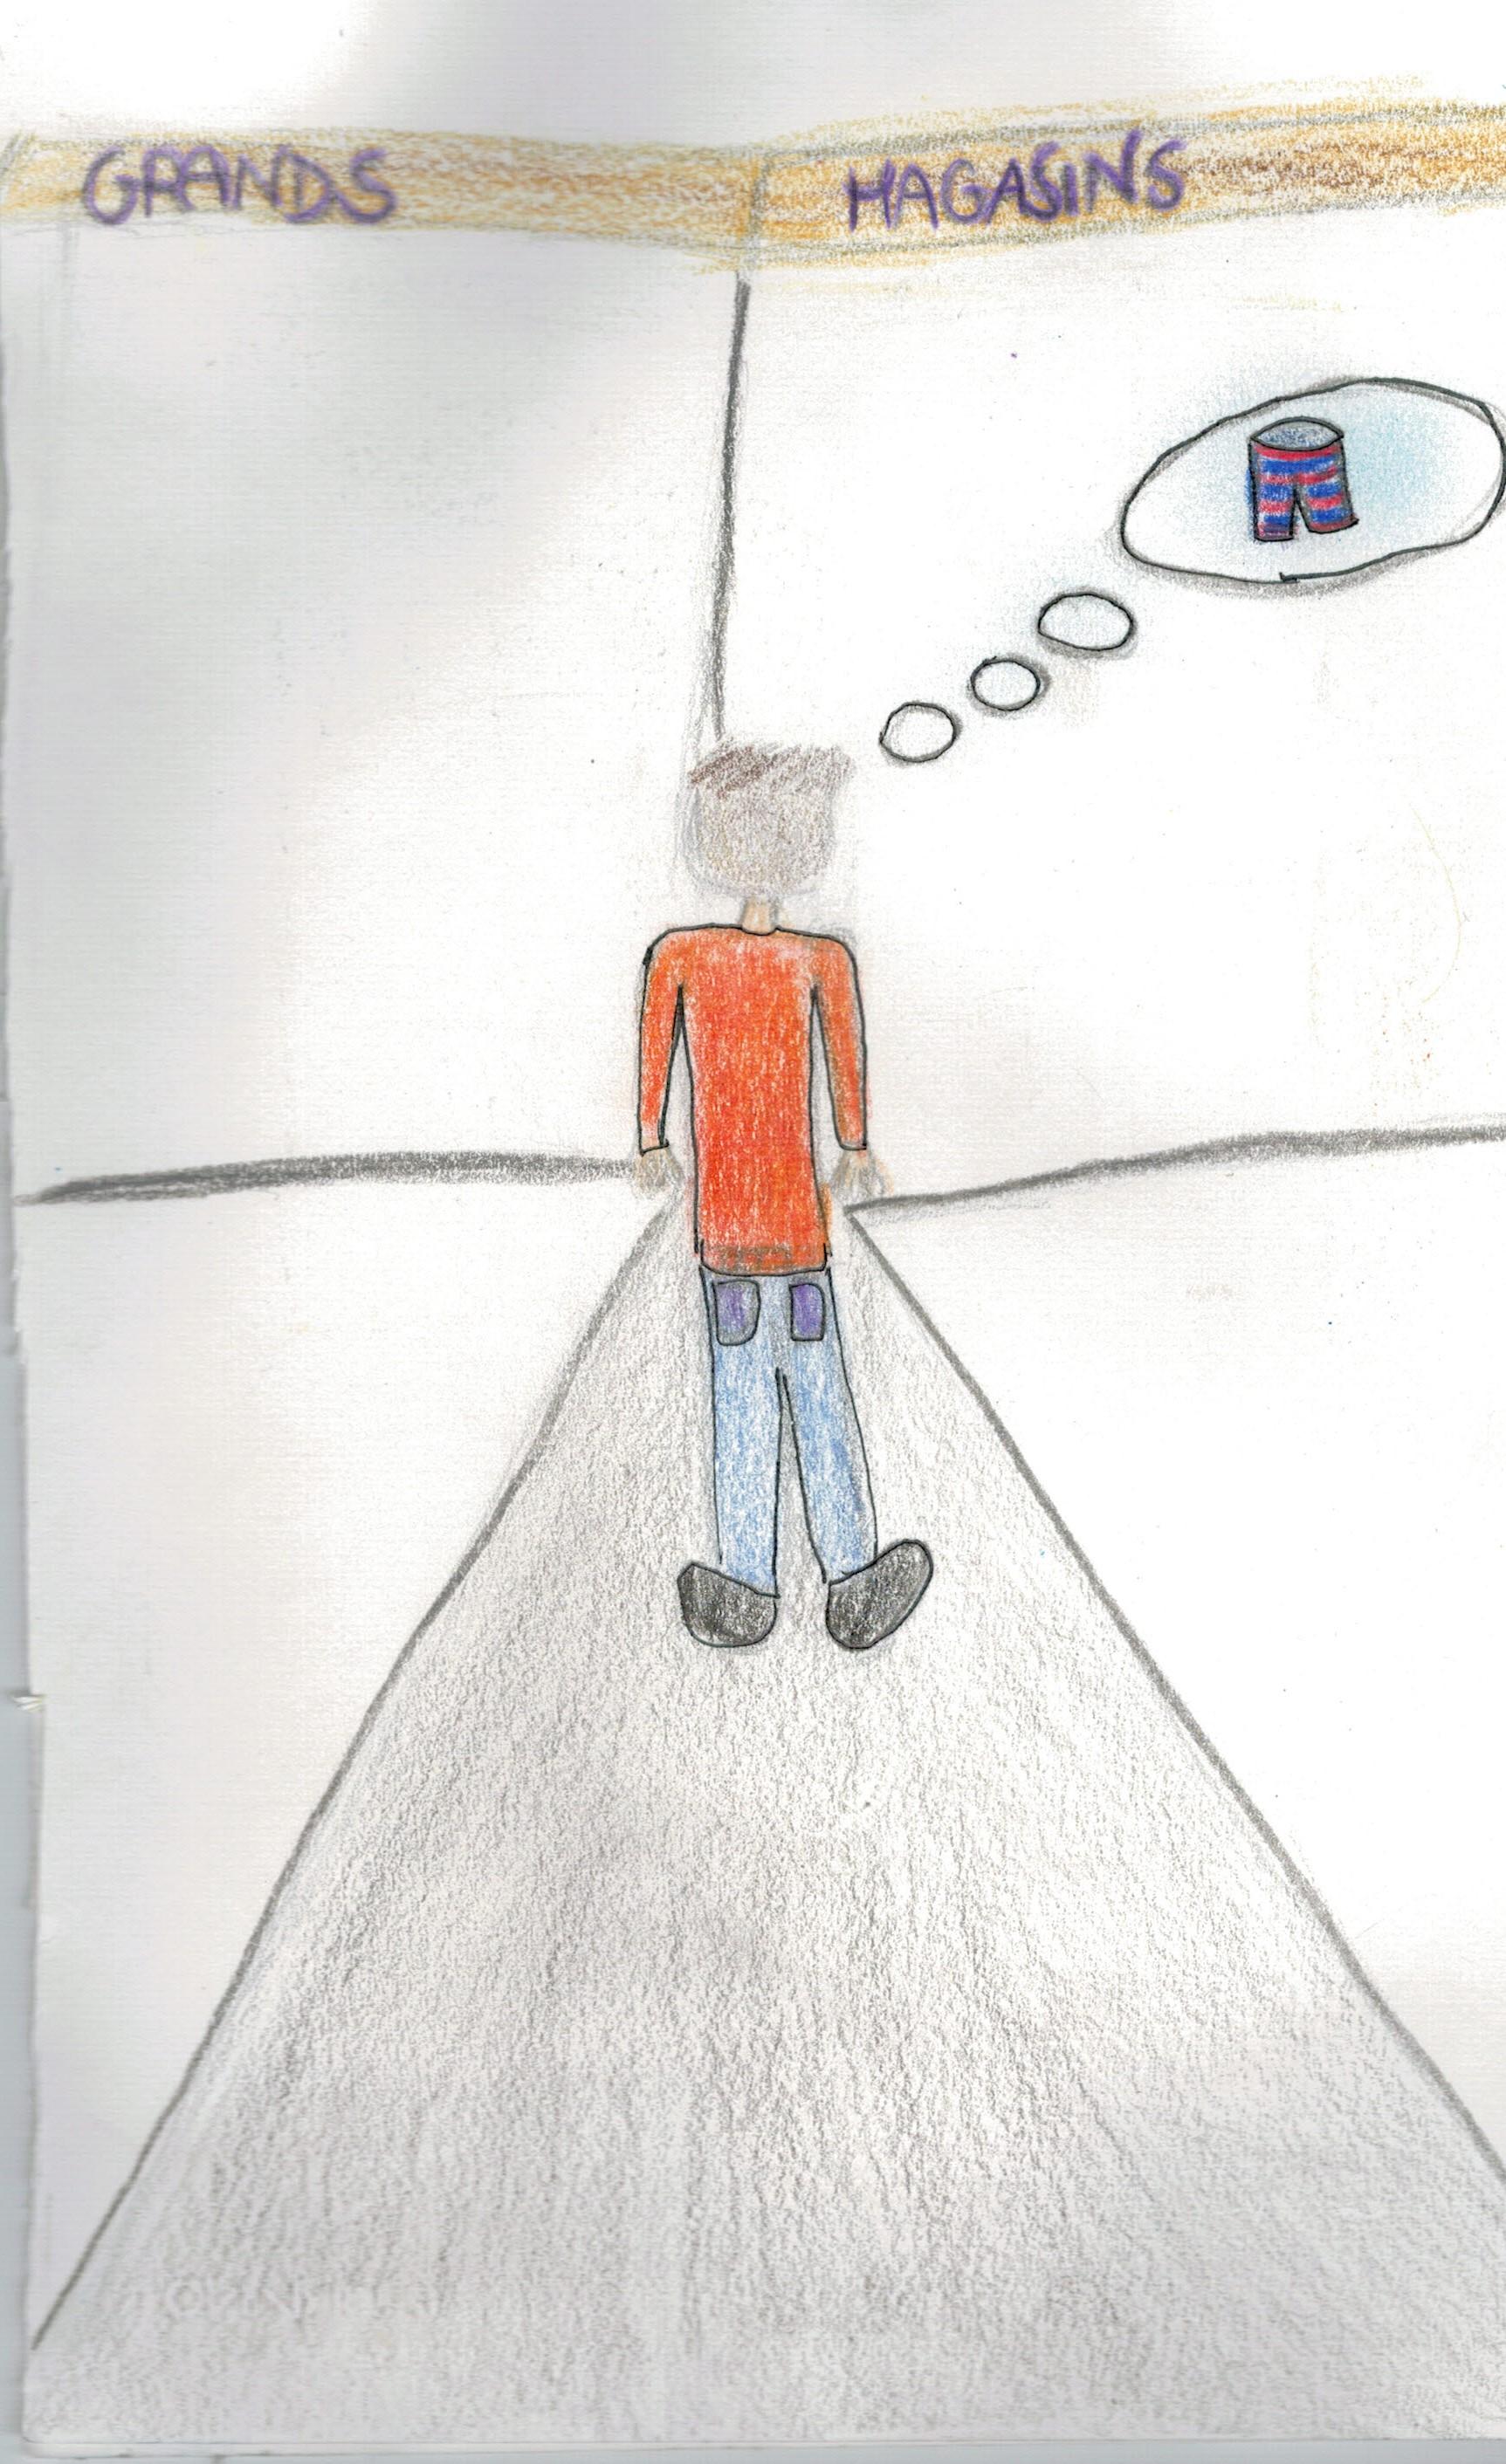 by Gaetana Micale - Ourboox.com